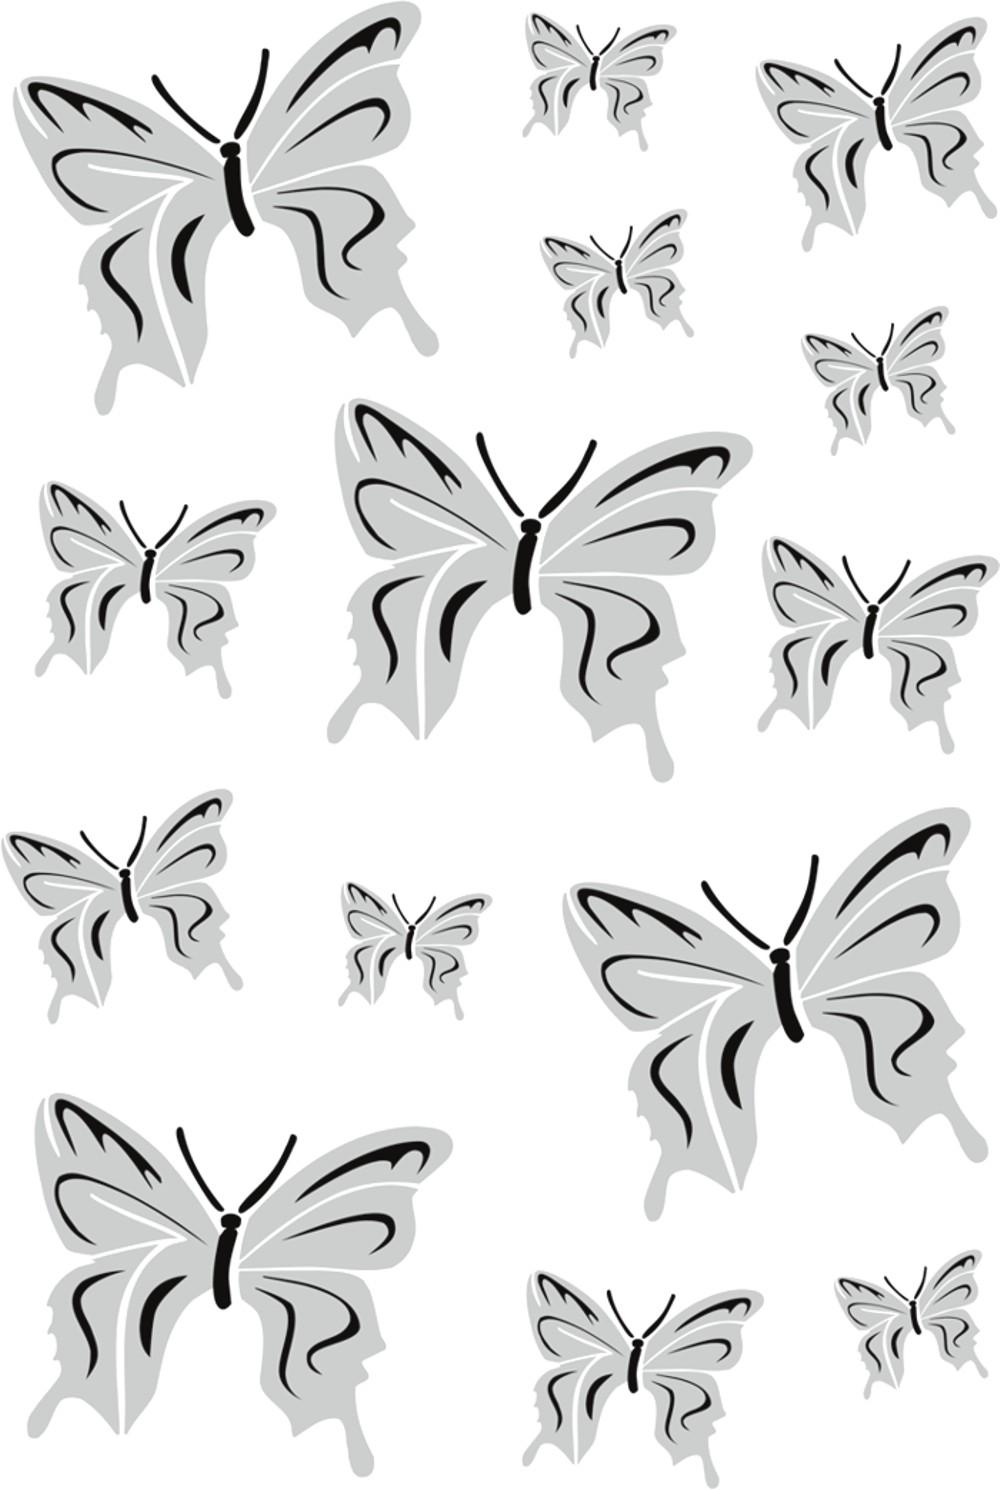 Sticker Butterflies-Set 300 x 200 mm black/silver